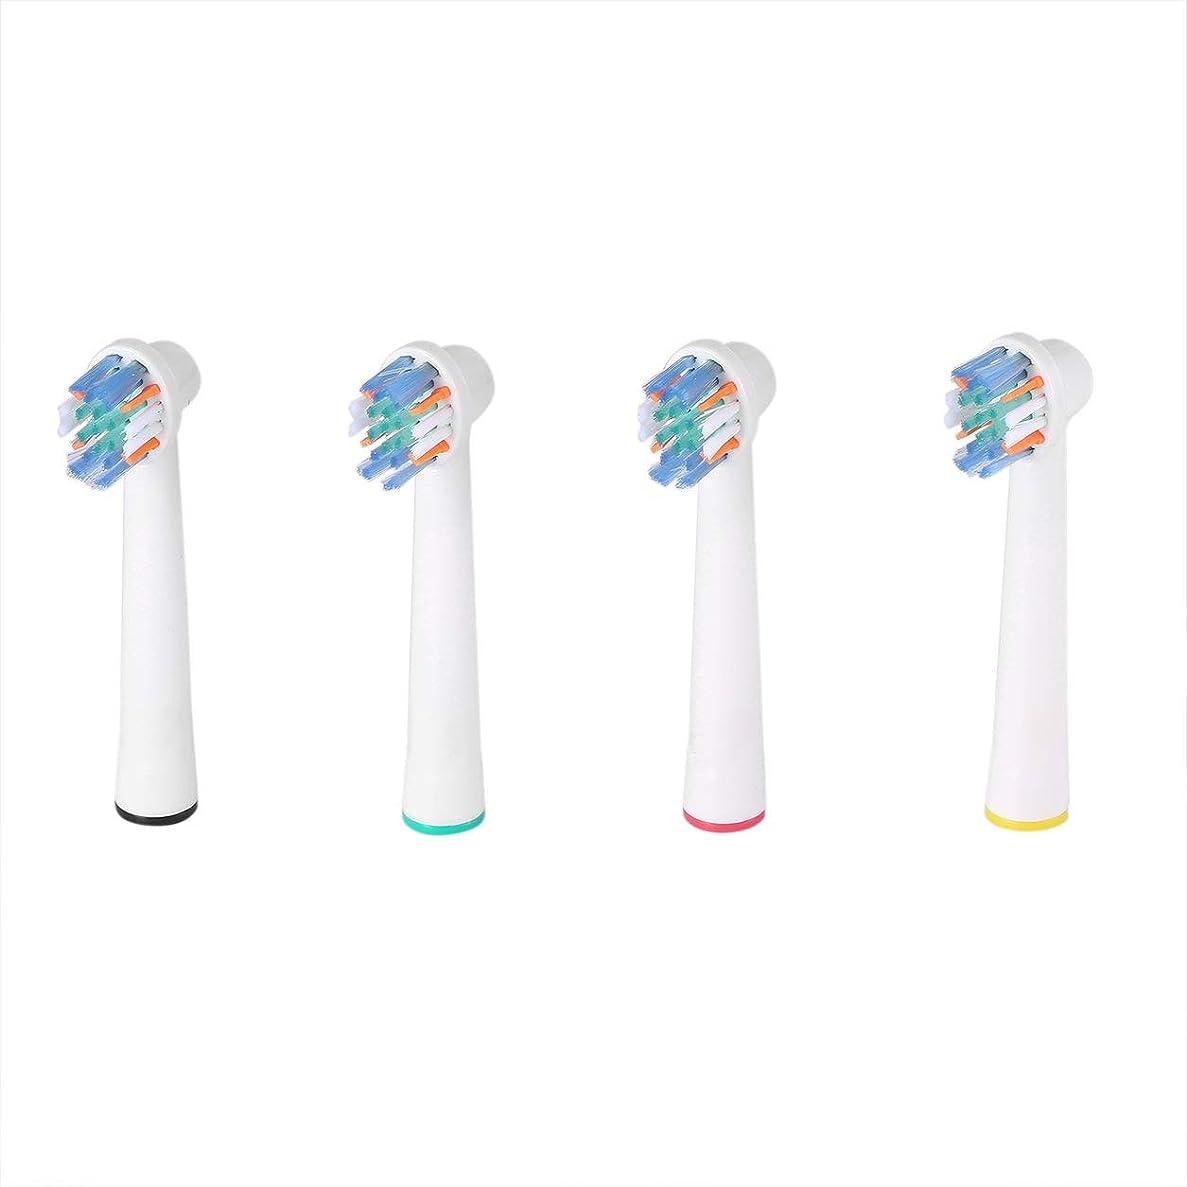 締める宣言する心理的にSaikogoods 電動歯ブラシ 4個YE625交換ソフトブリストルブラシは、現在のすべての歯ブラシのための一般的なホワイト歯ブラシのヘッドヘッズ 白